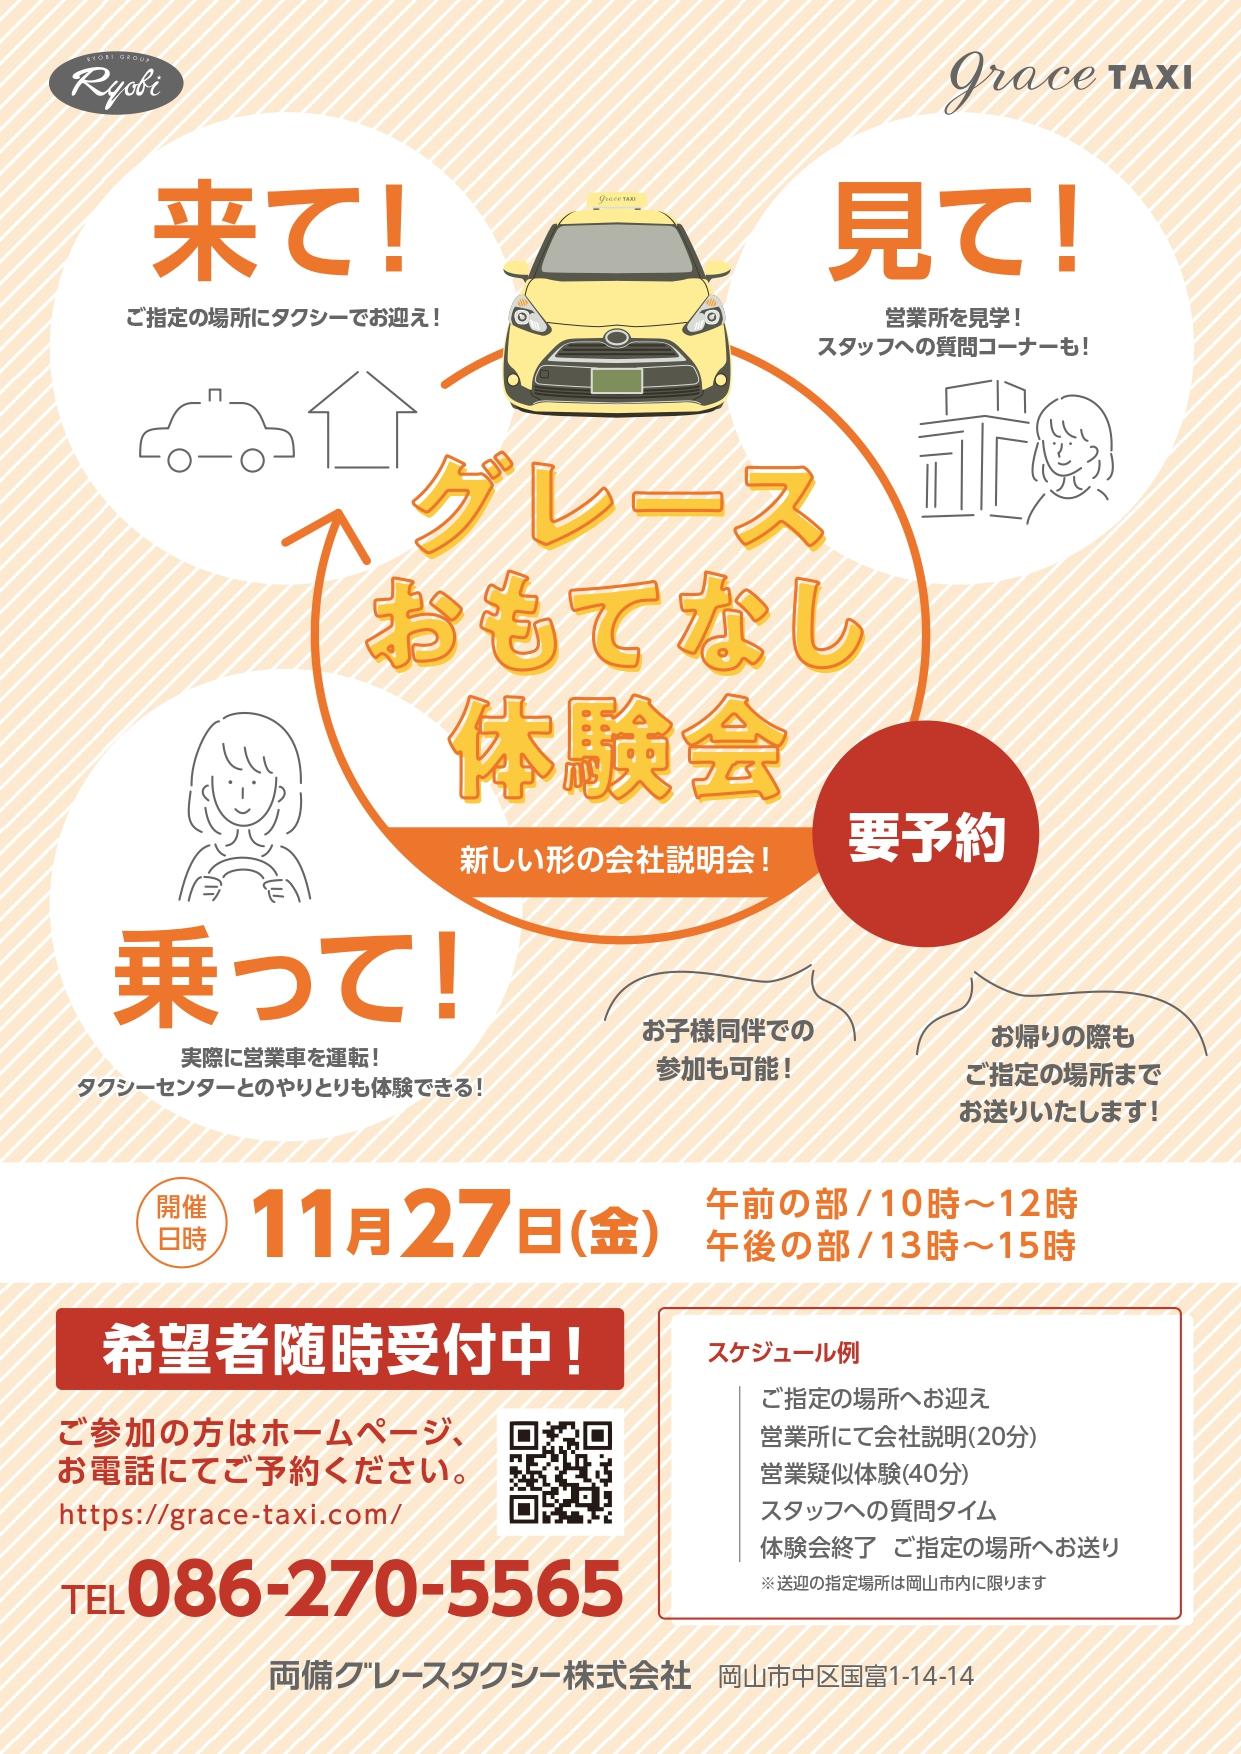 【終了いたしました】来て!見て!乗って!おもてなし体験会を3月30日に開催します